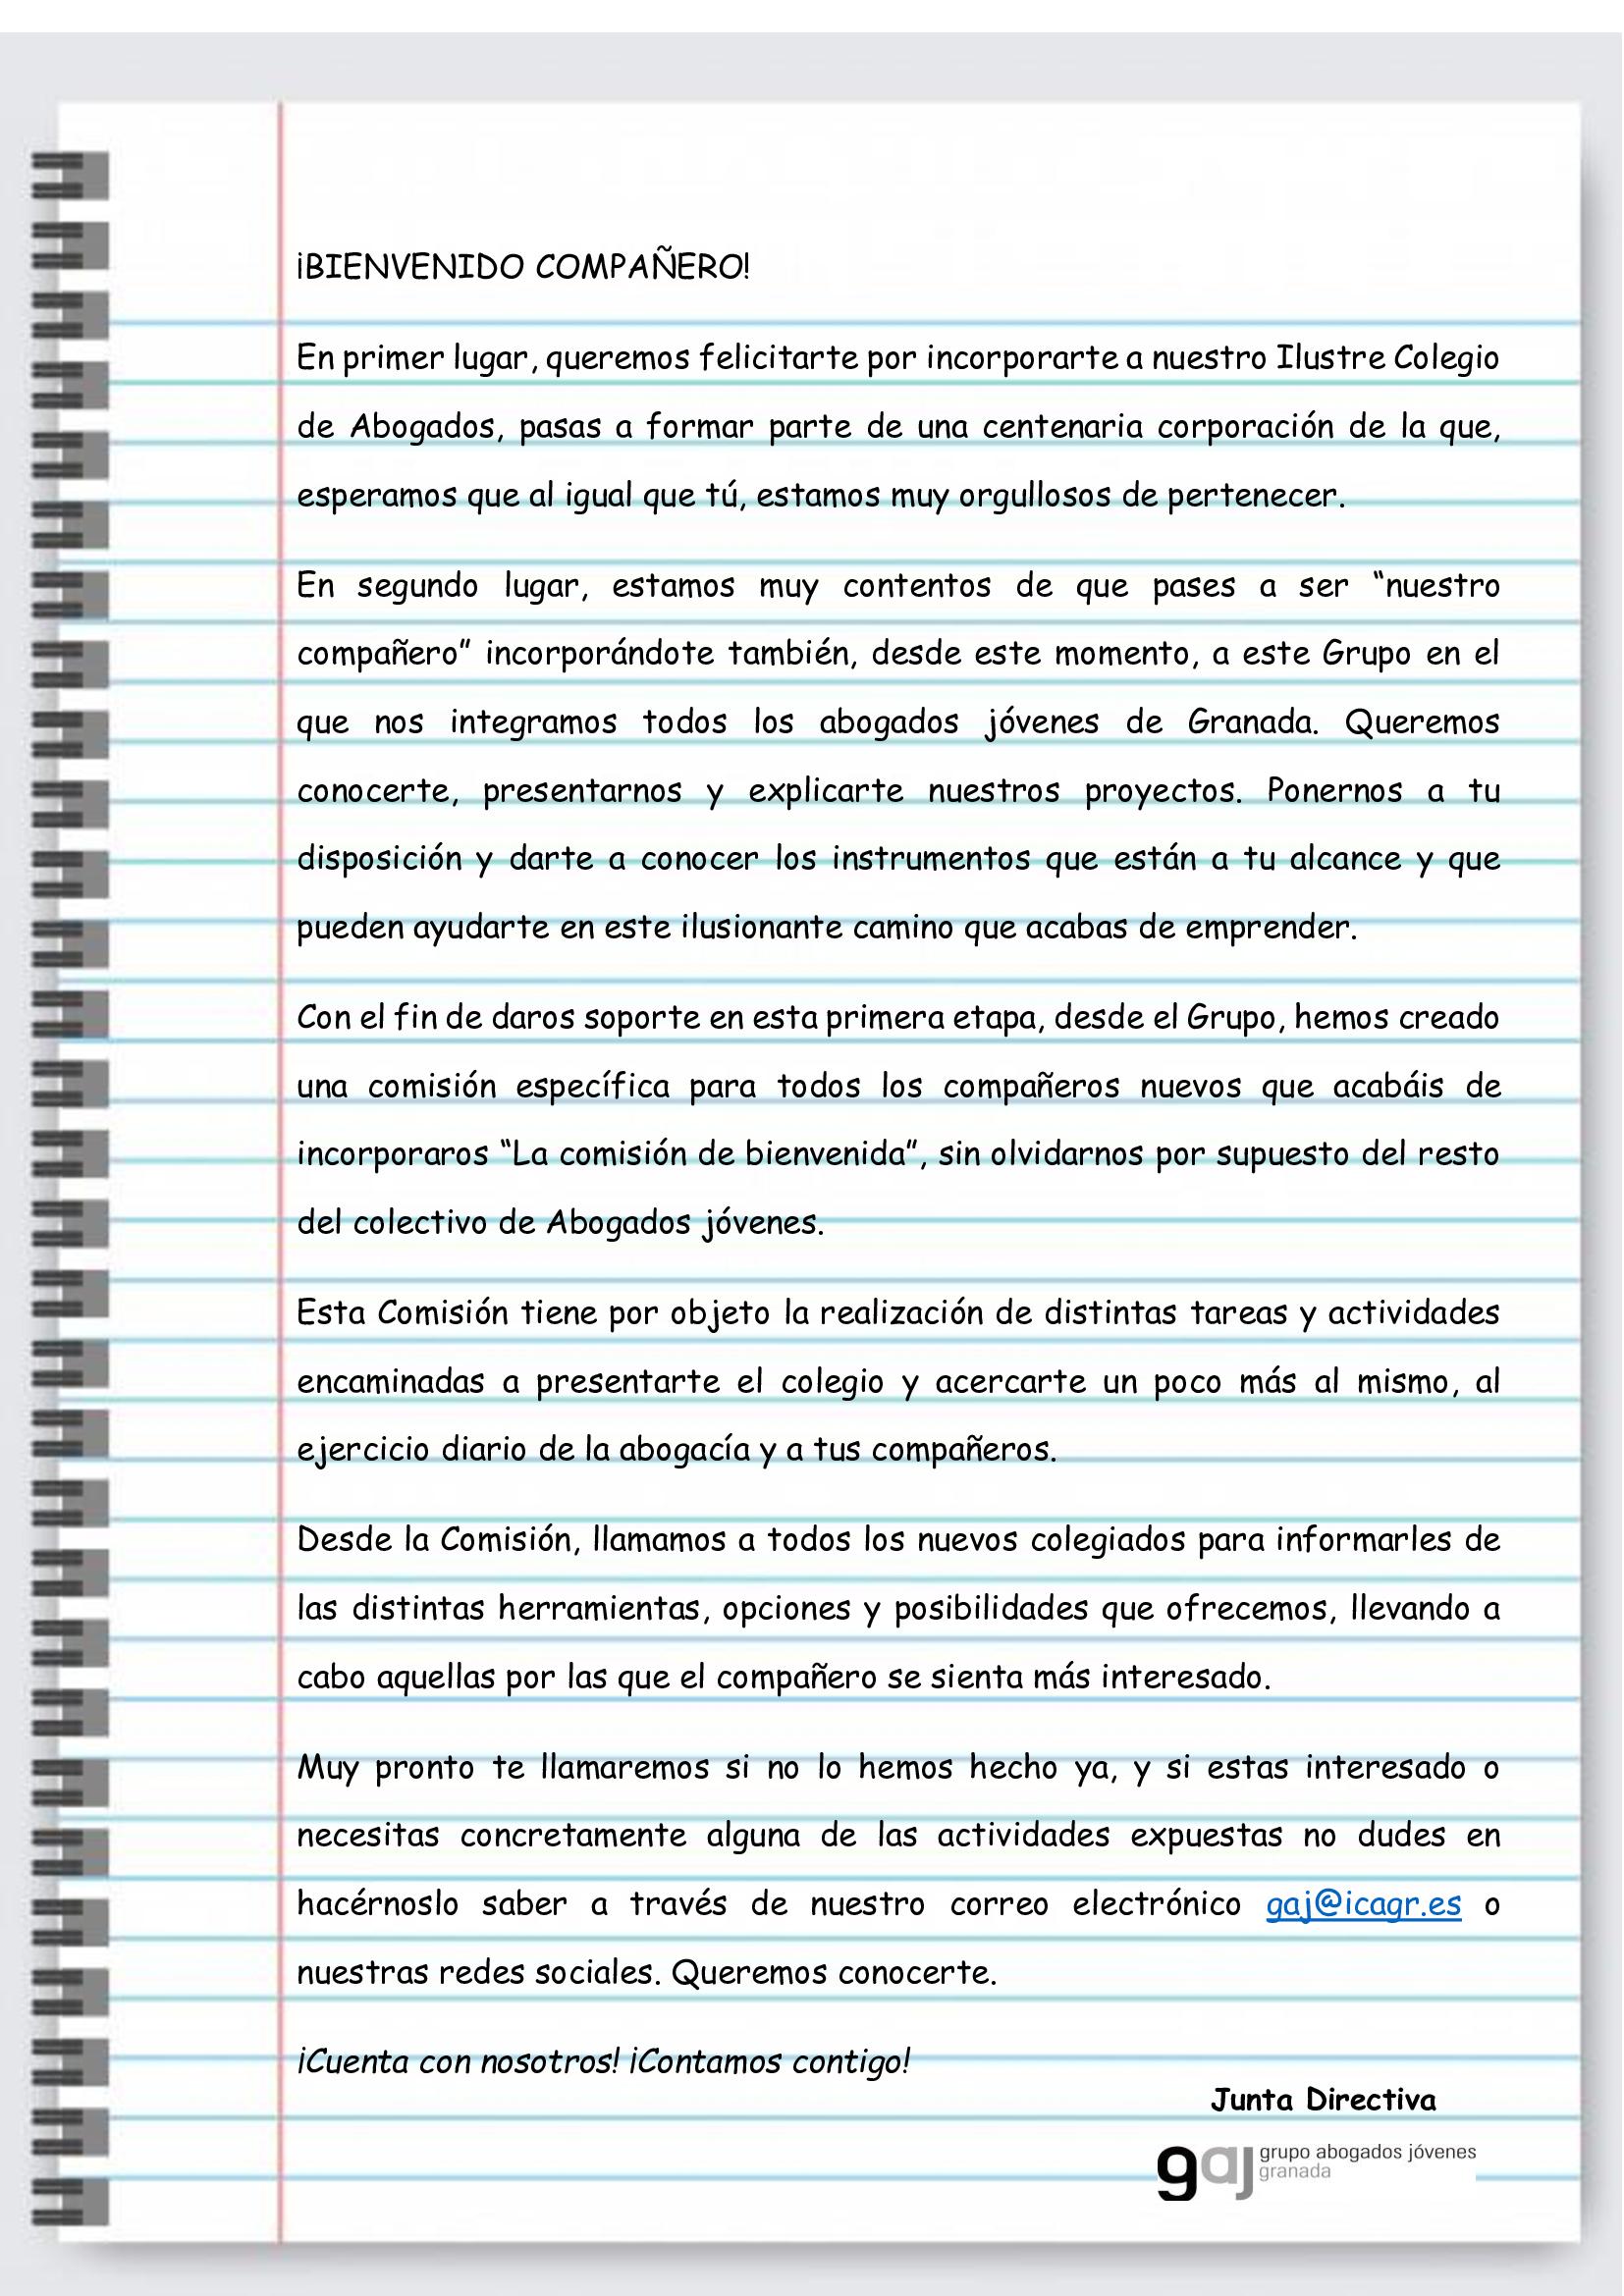 Carta comision de bienvenida(2)(2)